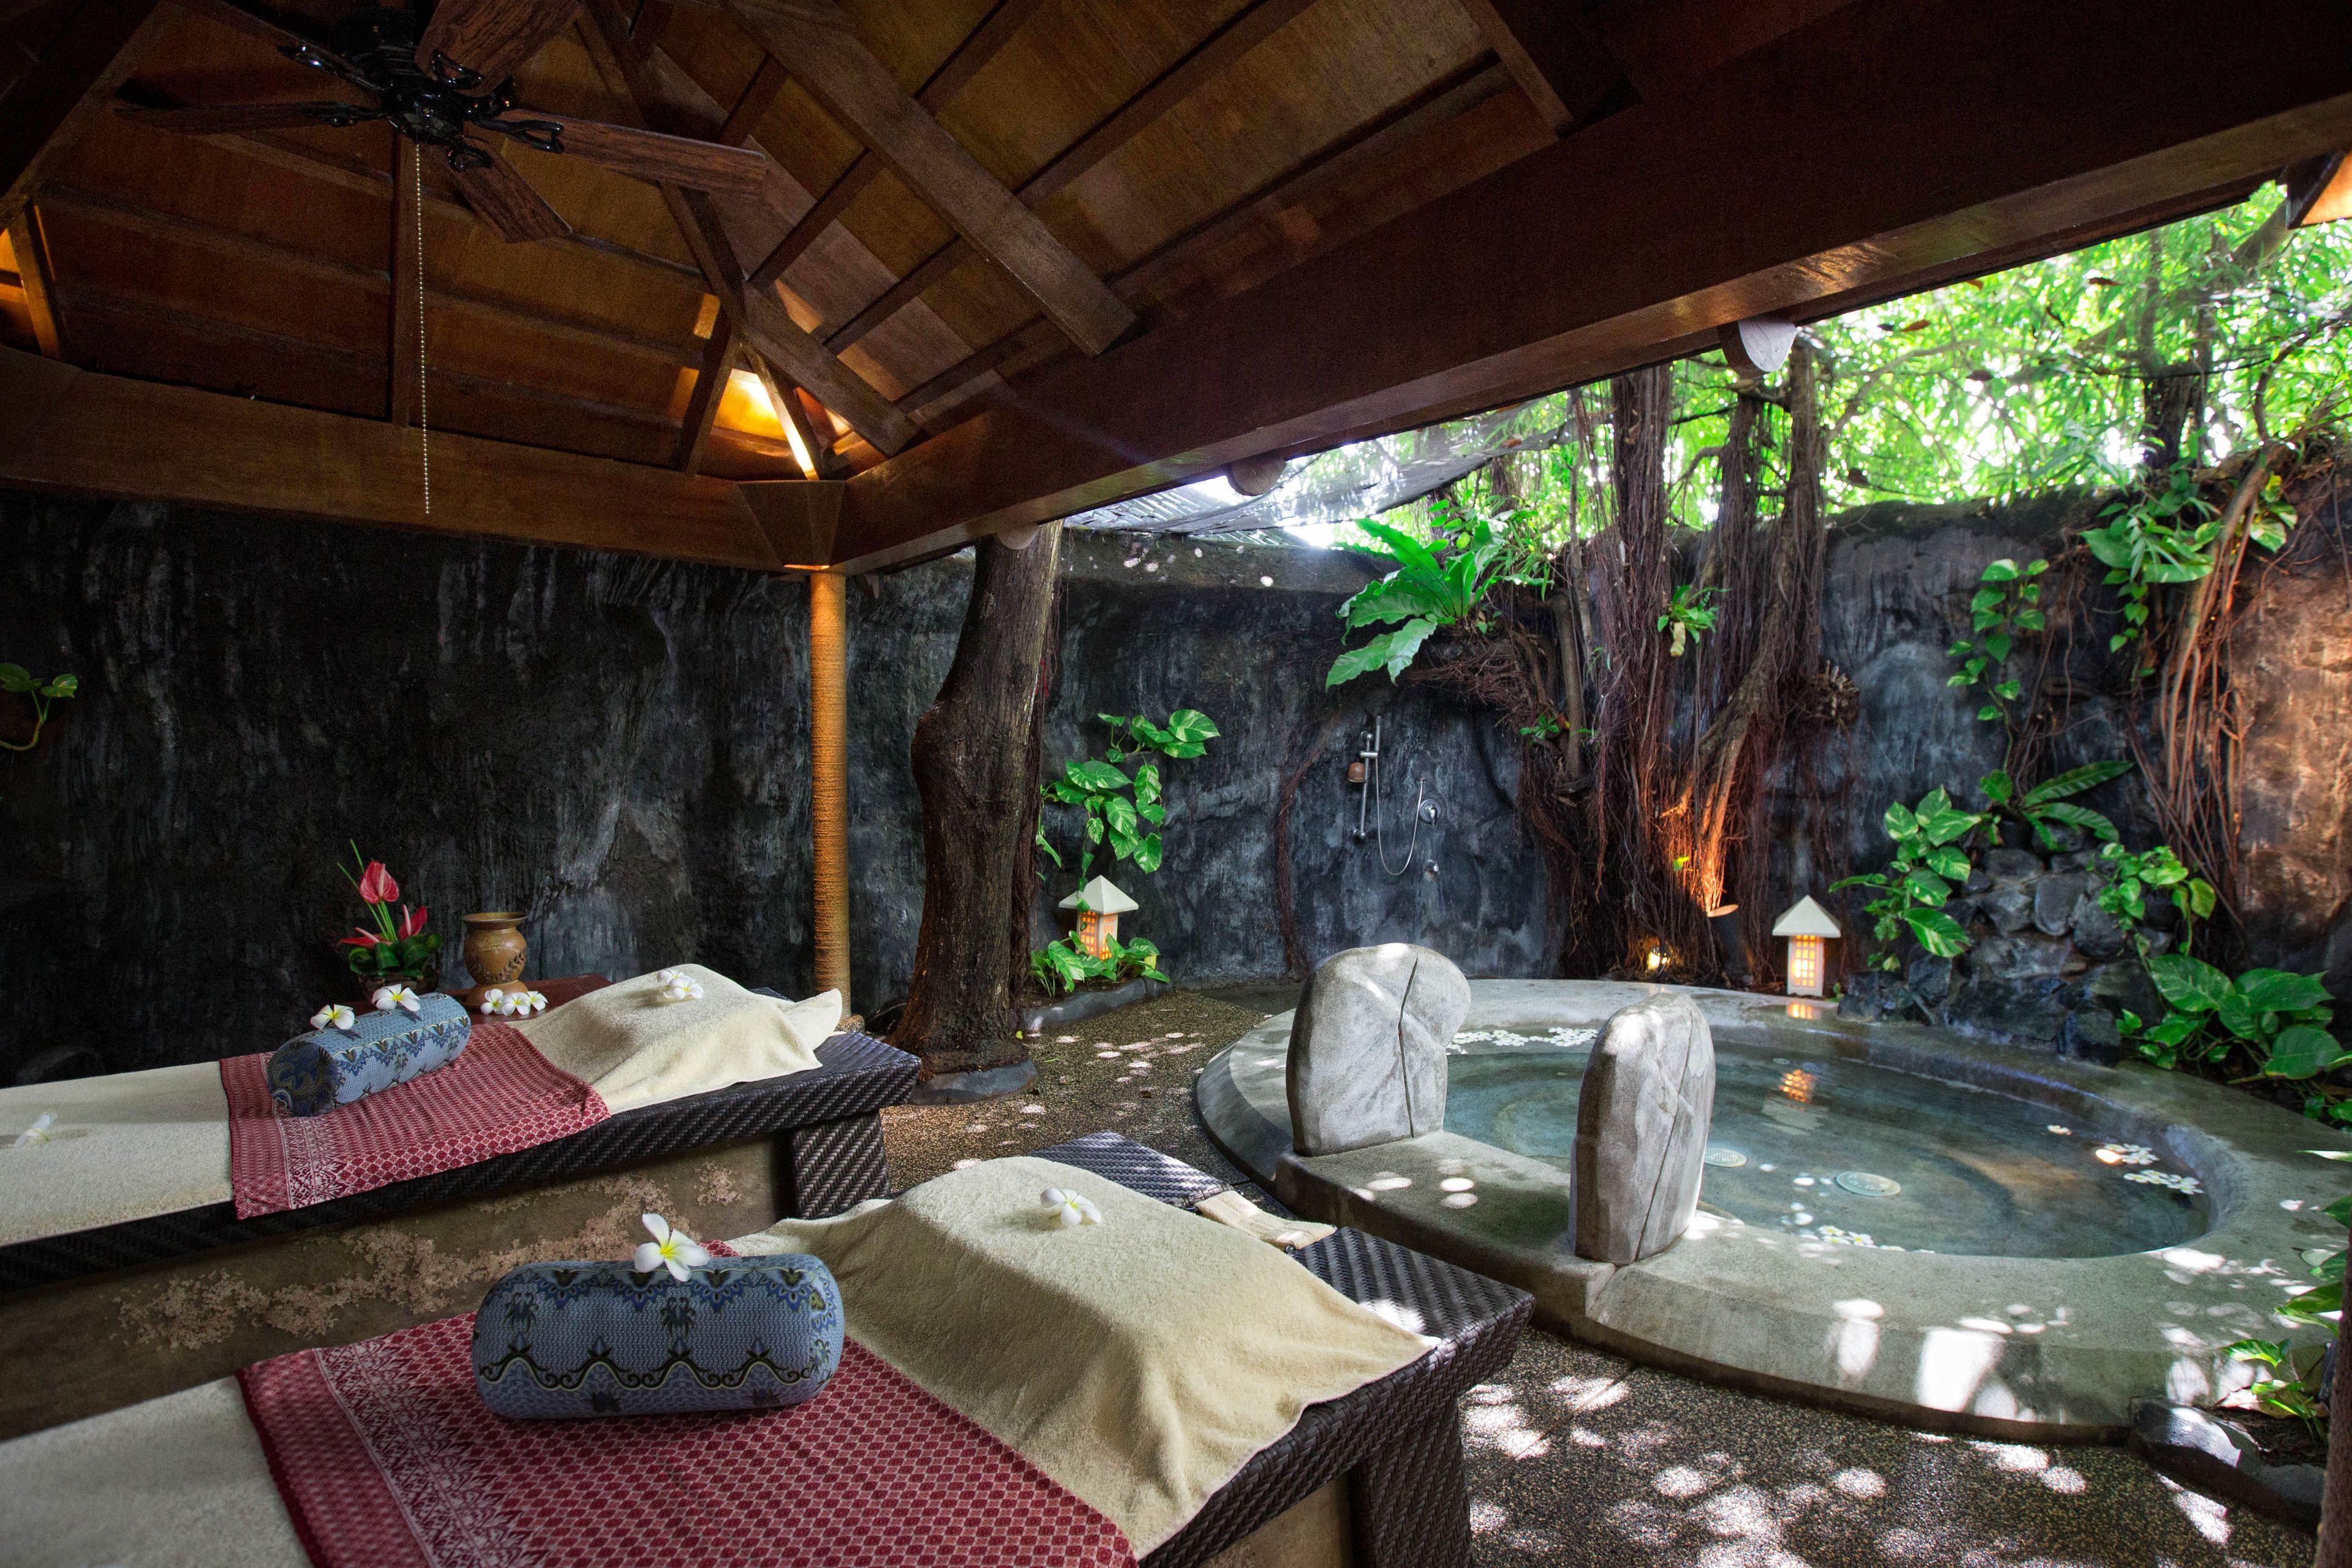 Courtesy of Plantation Bay Resort and Spa / Expedia